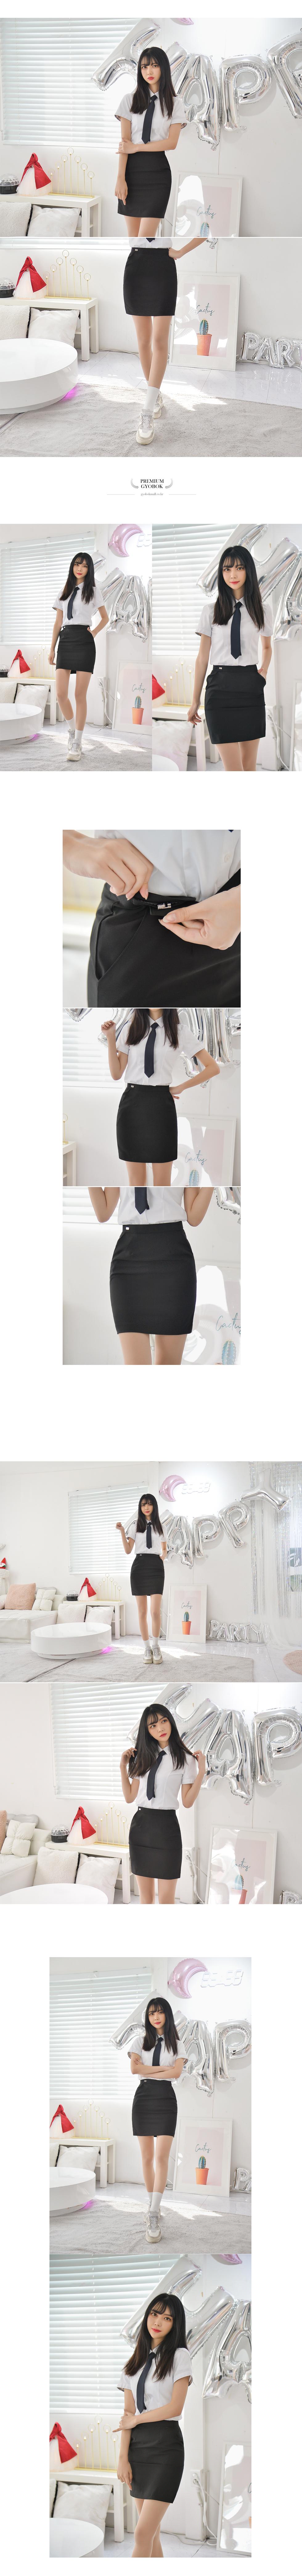 [하복][허리조절] 스판 블랙 교복치마 교복 스커트 - 교복몰, 37,400원, 여성 스쿨룩, 하의